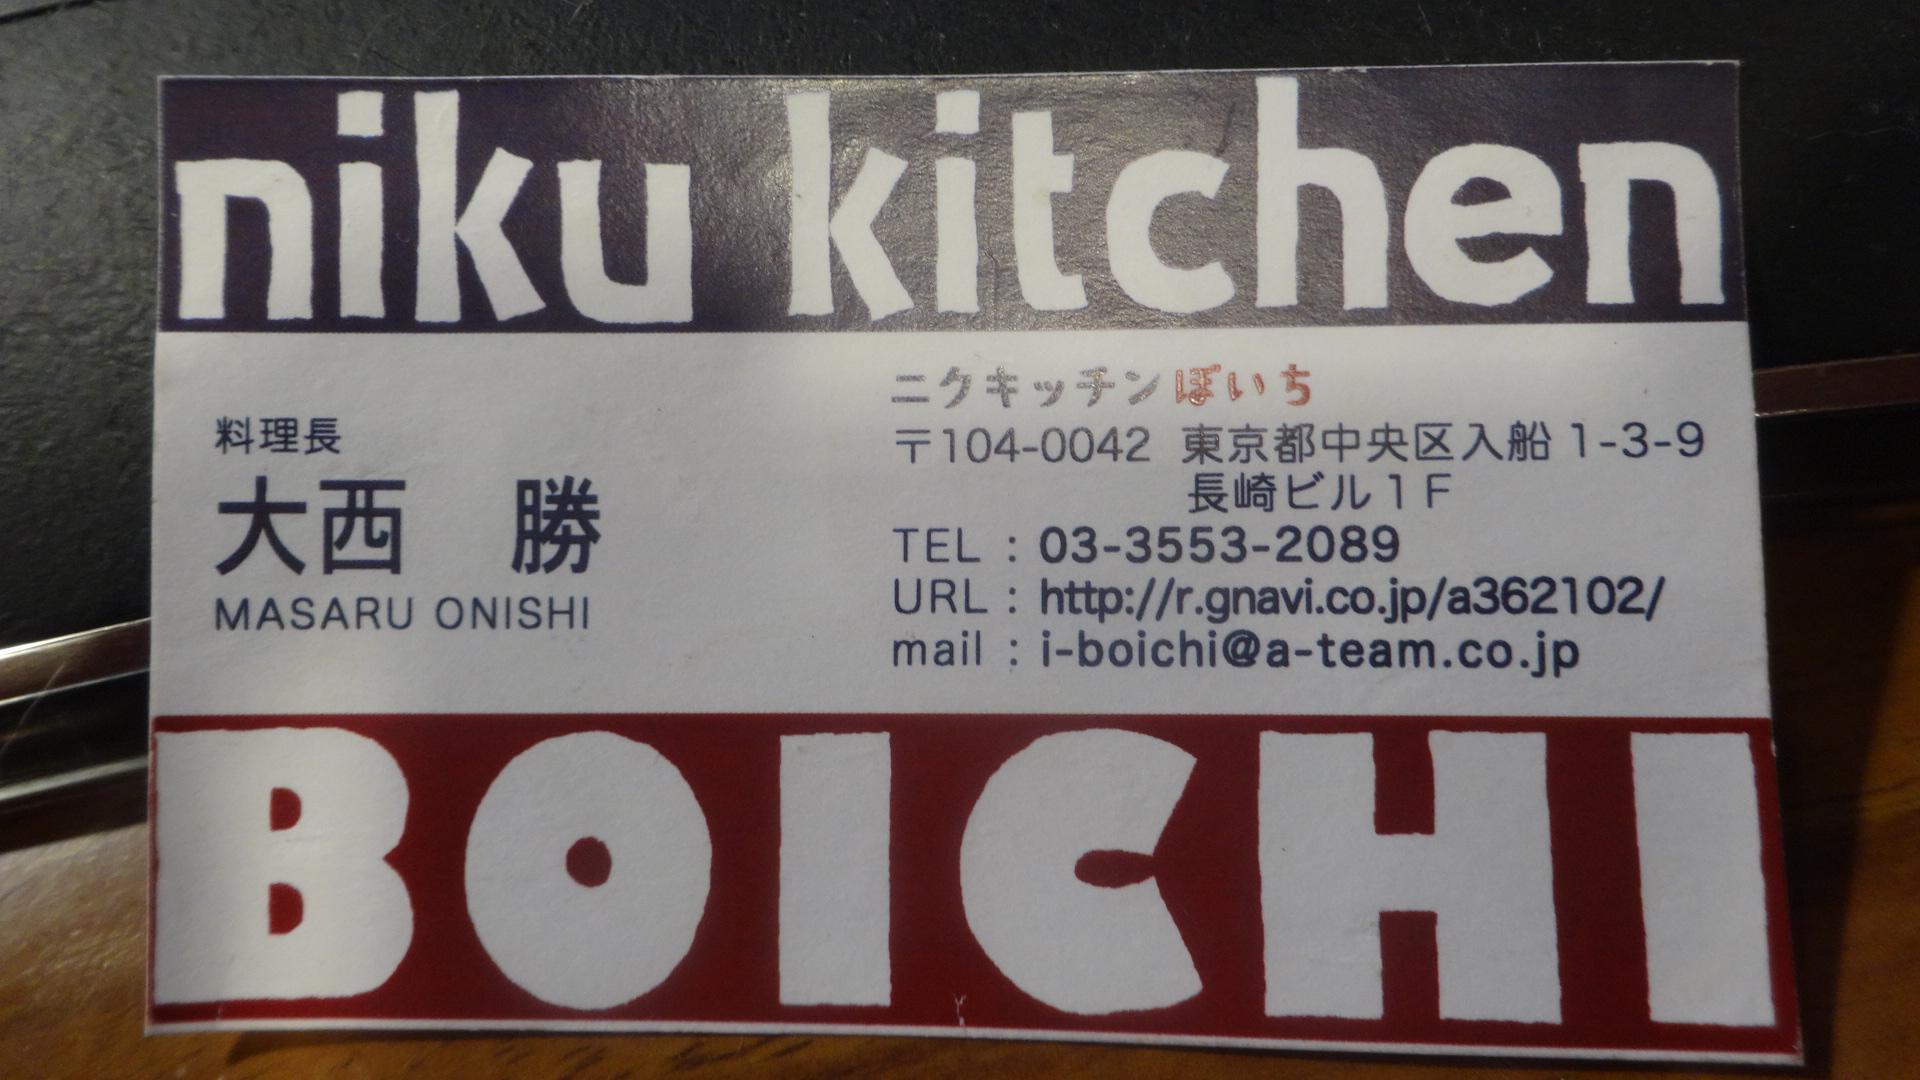 八丁堀グルメ BOICHIさん